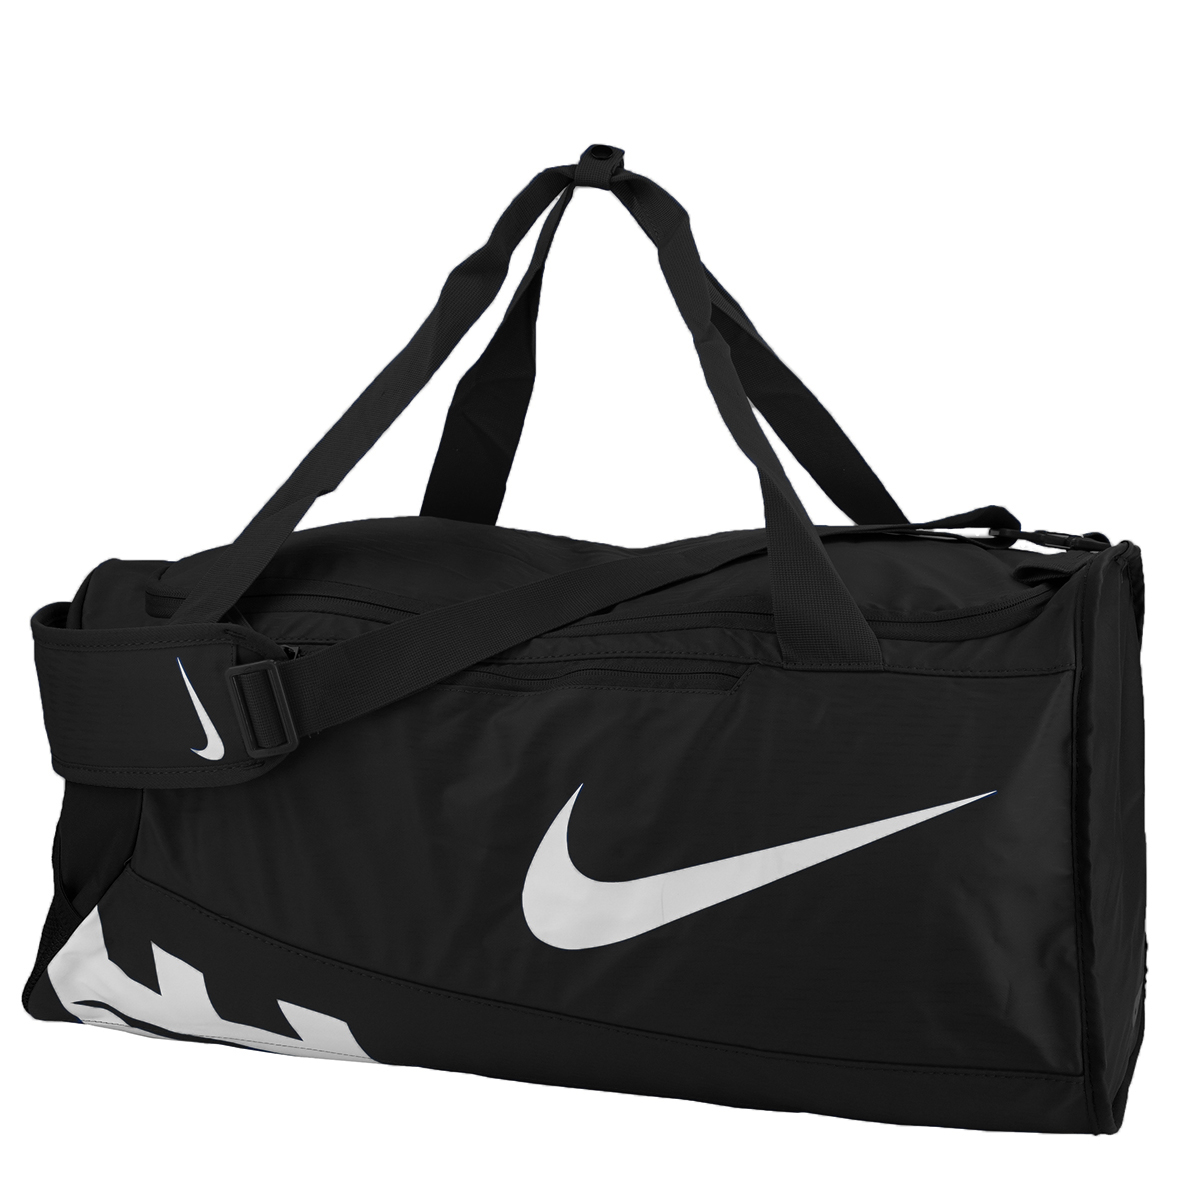 b302f0a9ab Details about Nike Alpha Adapt Crossbody Medium Duffel Bag Black/Black/White